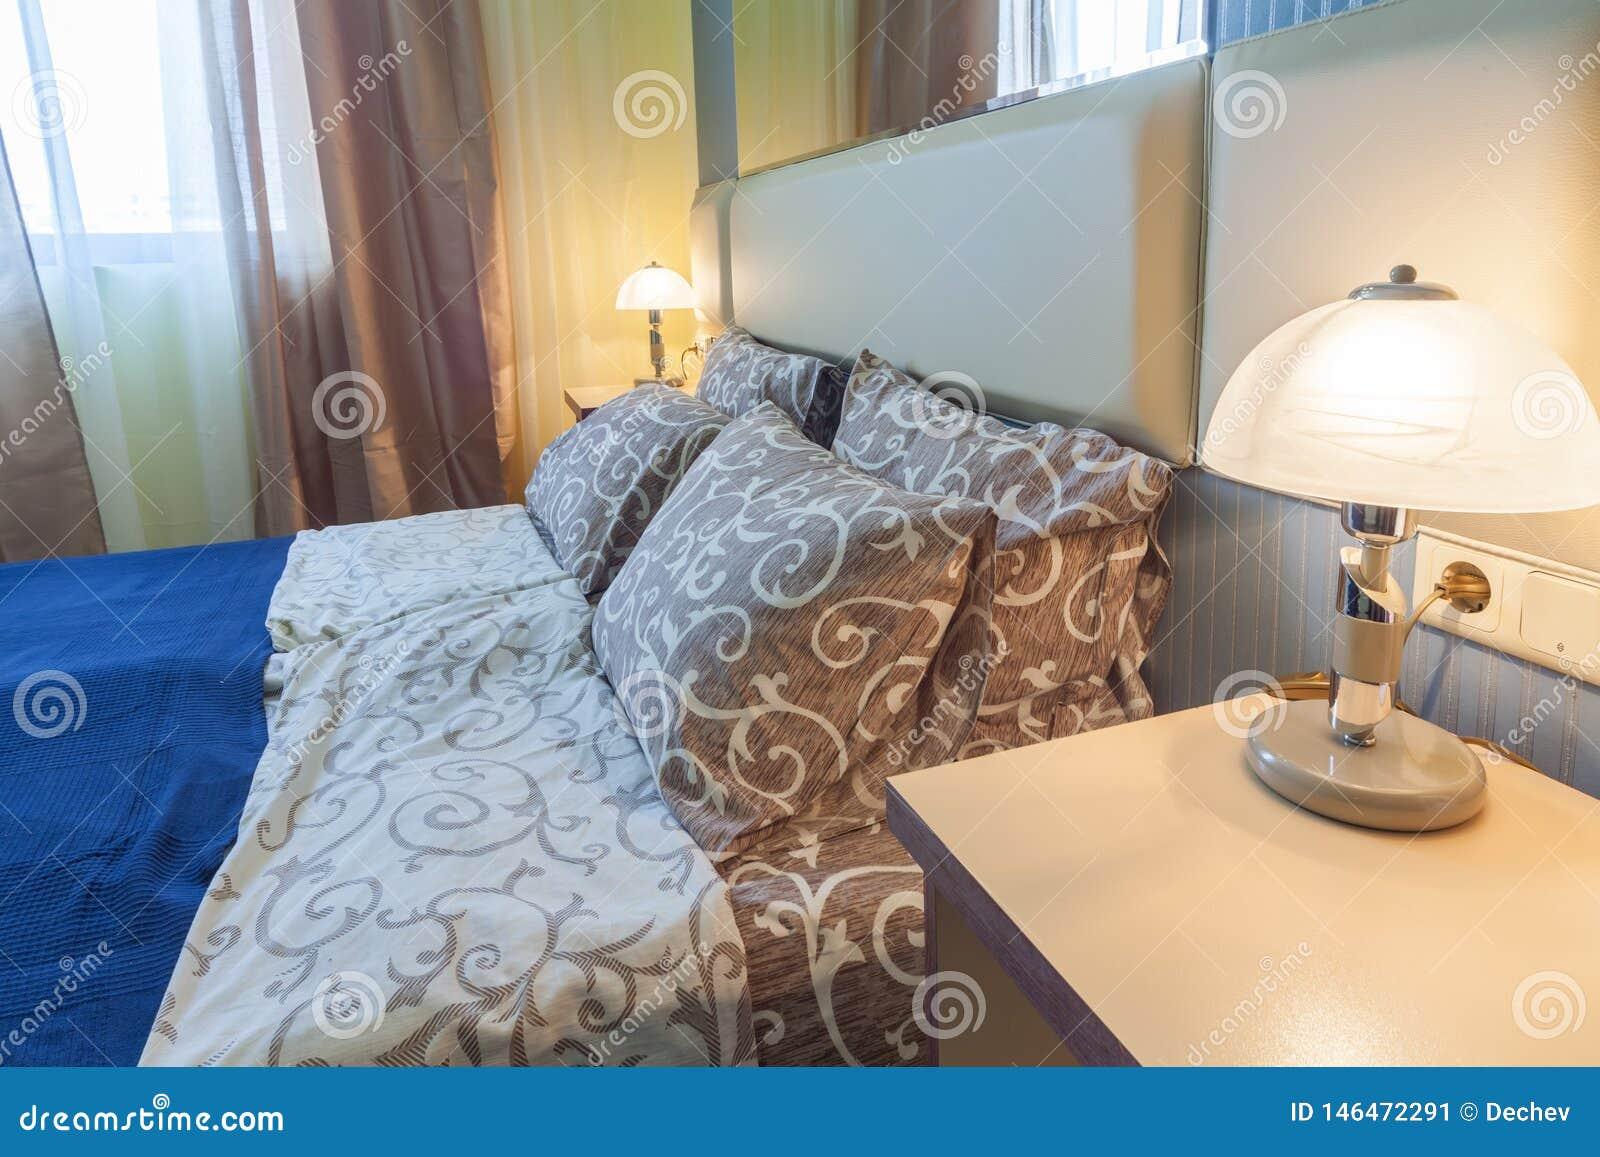 Interior design Dettaglio della camera da letto in hotel